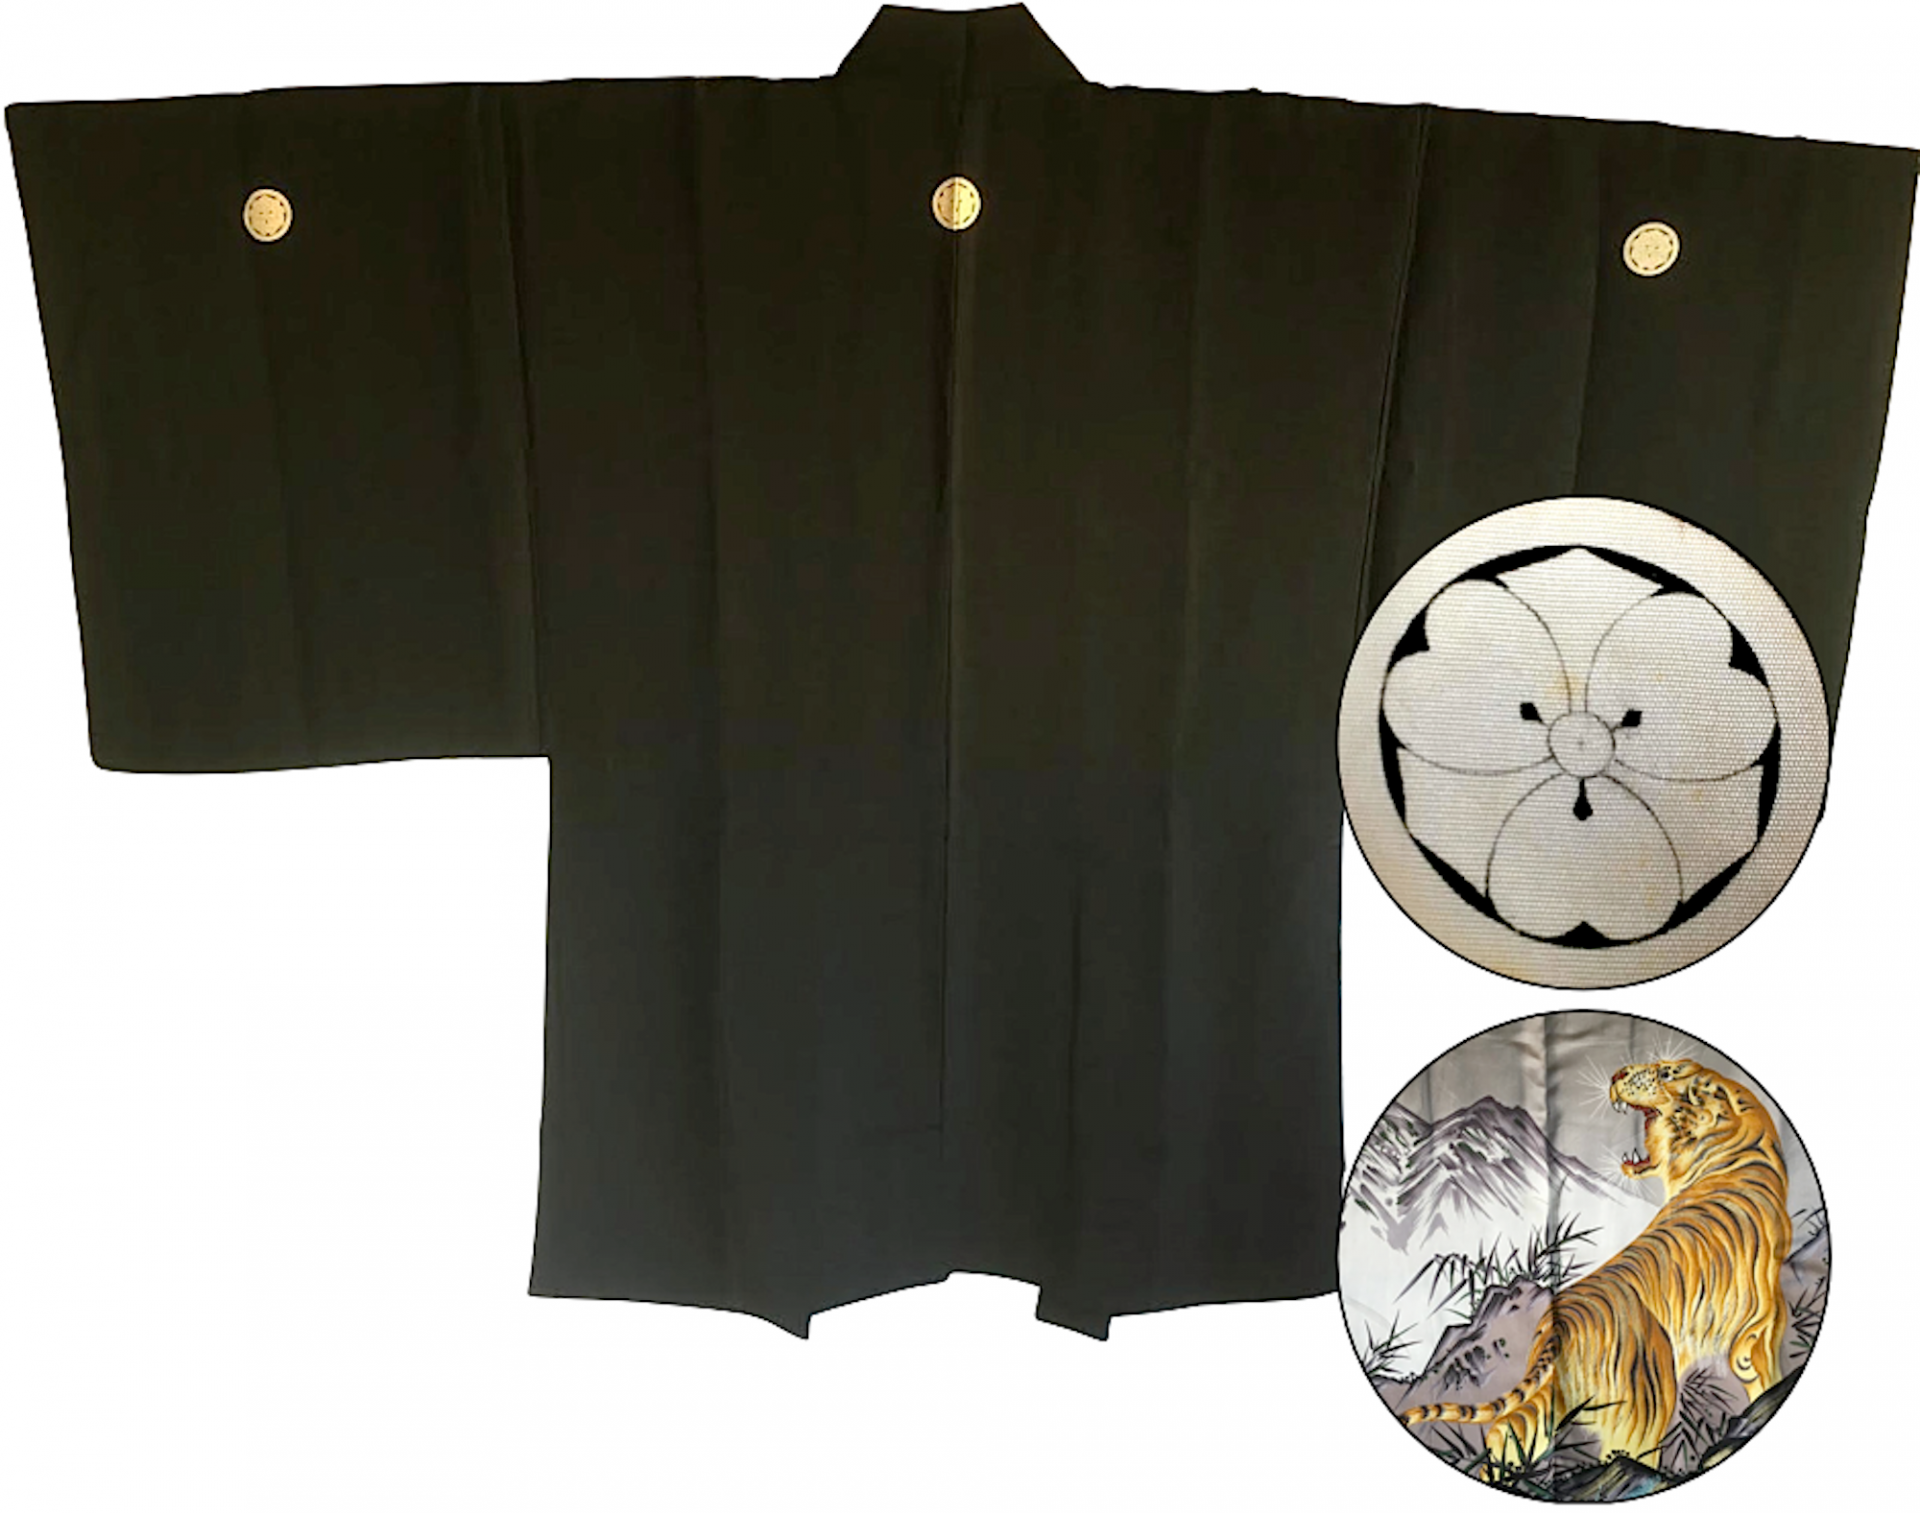 Antique kimono haori japonais samourai soie noire kenkatabami montsuki tora le tigre 1